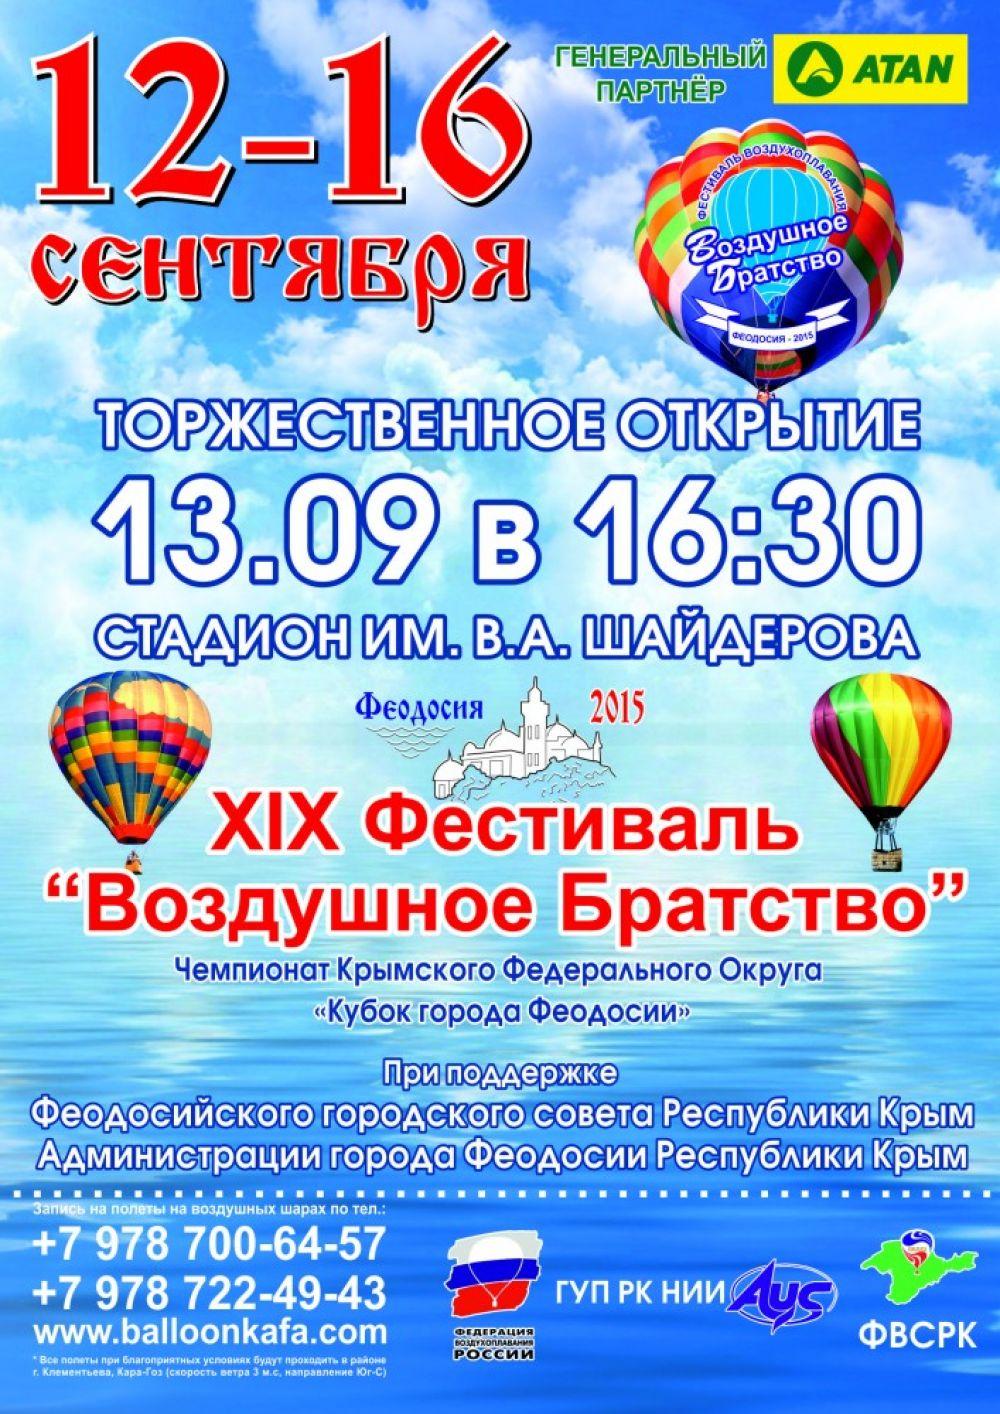 XIX Фестиваль воздухоплавания  «Воздушное Братство»